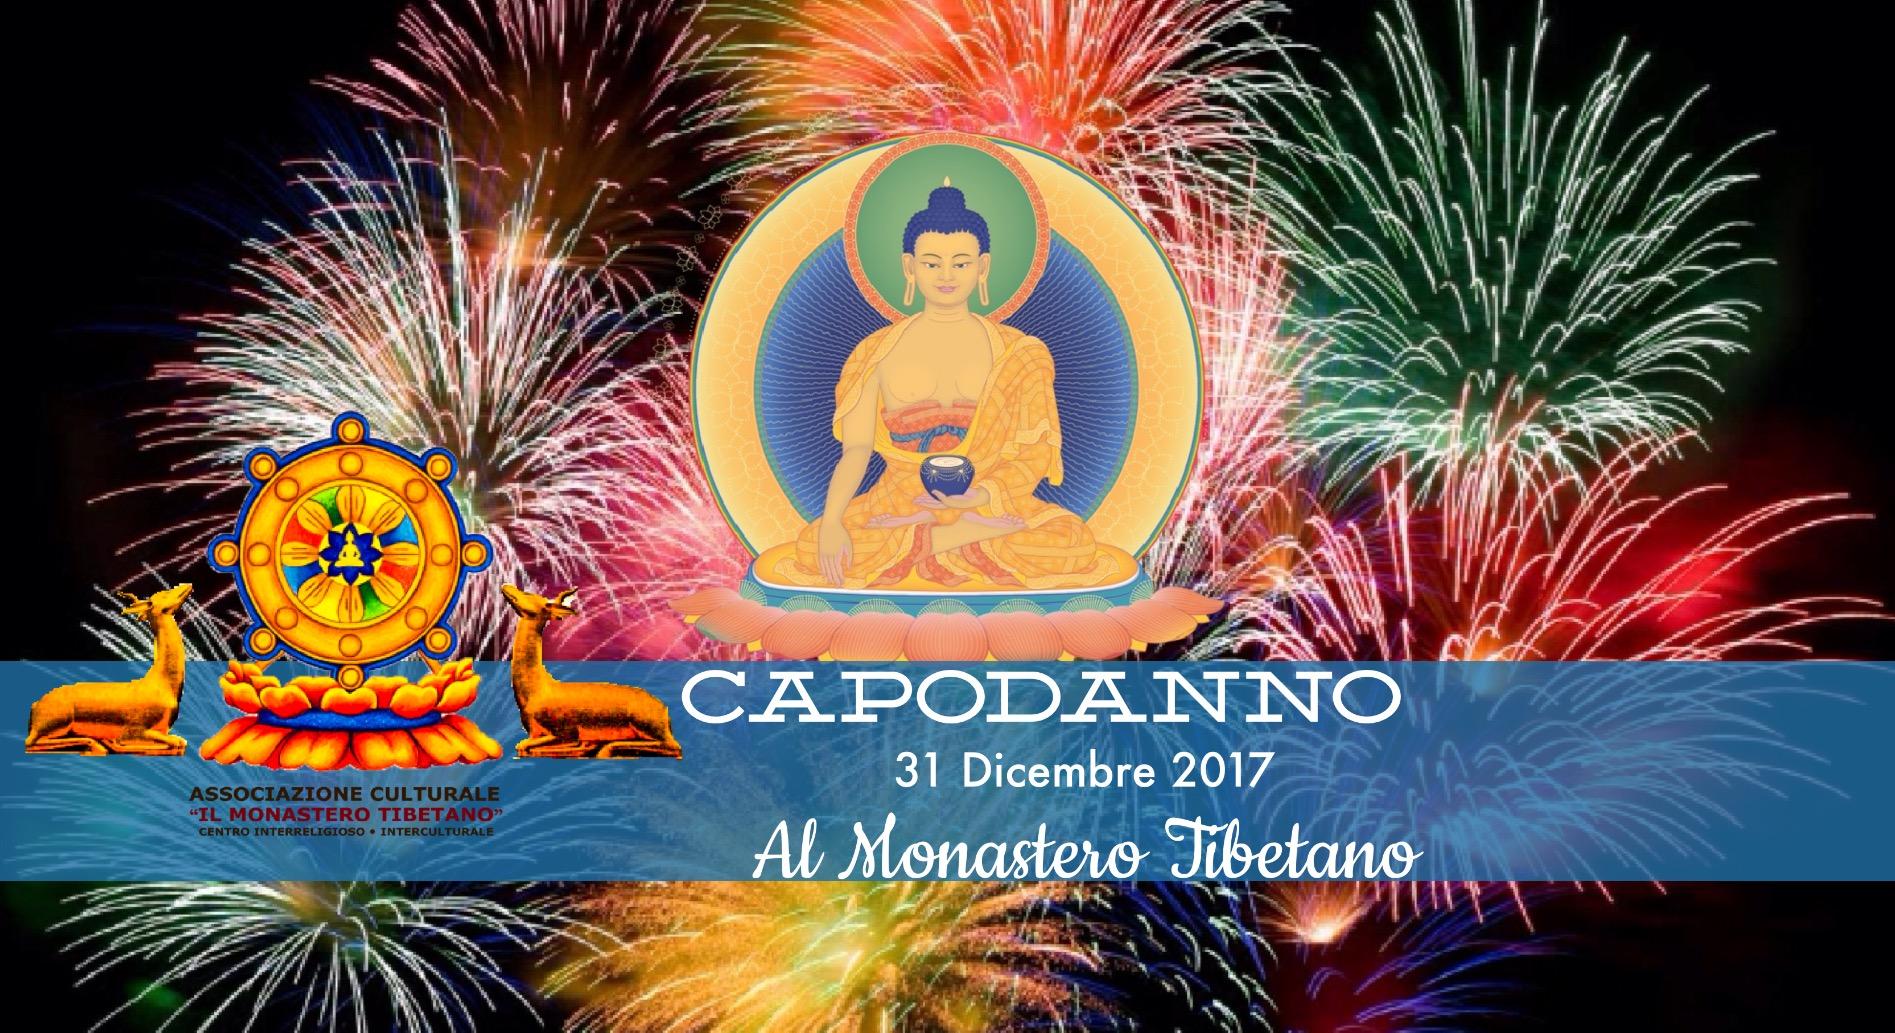 CAPODANNO 2018 al Monastero Tibetano